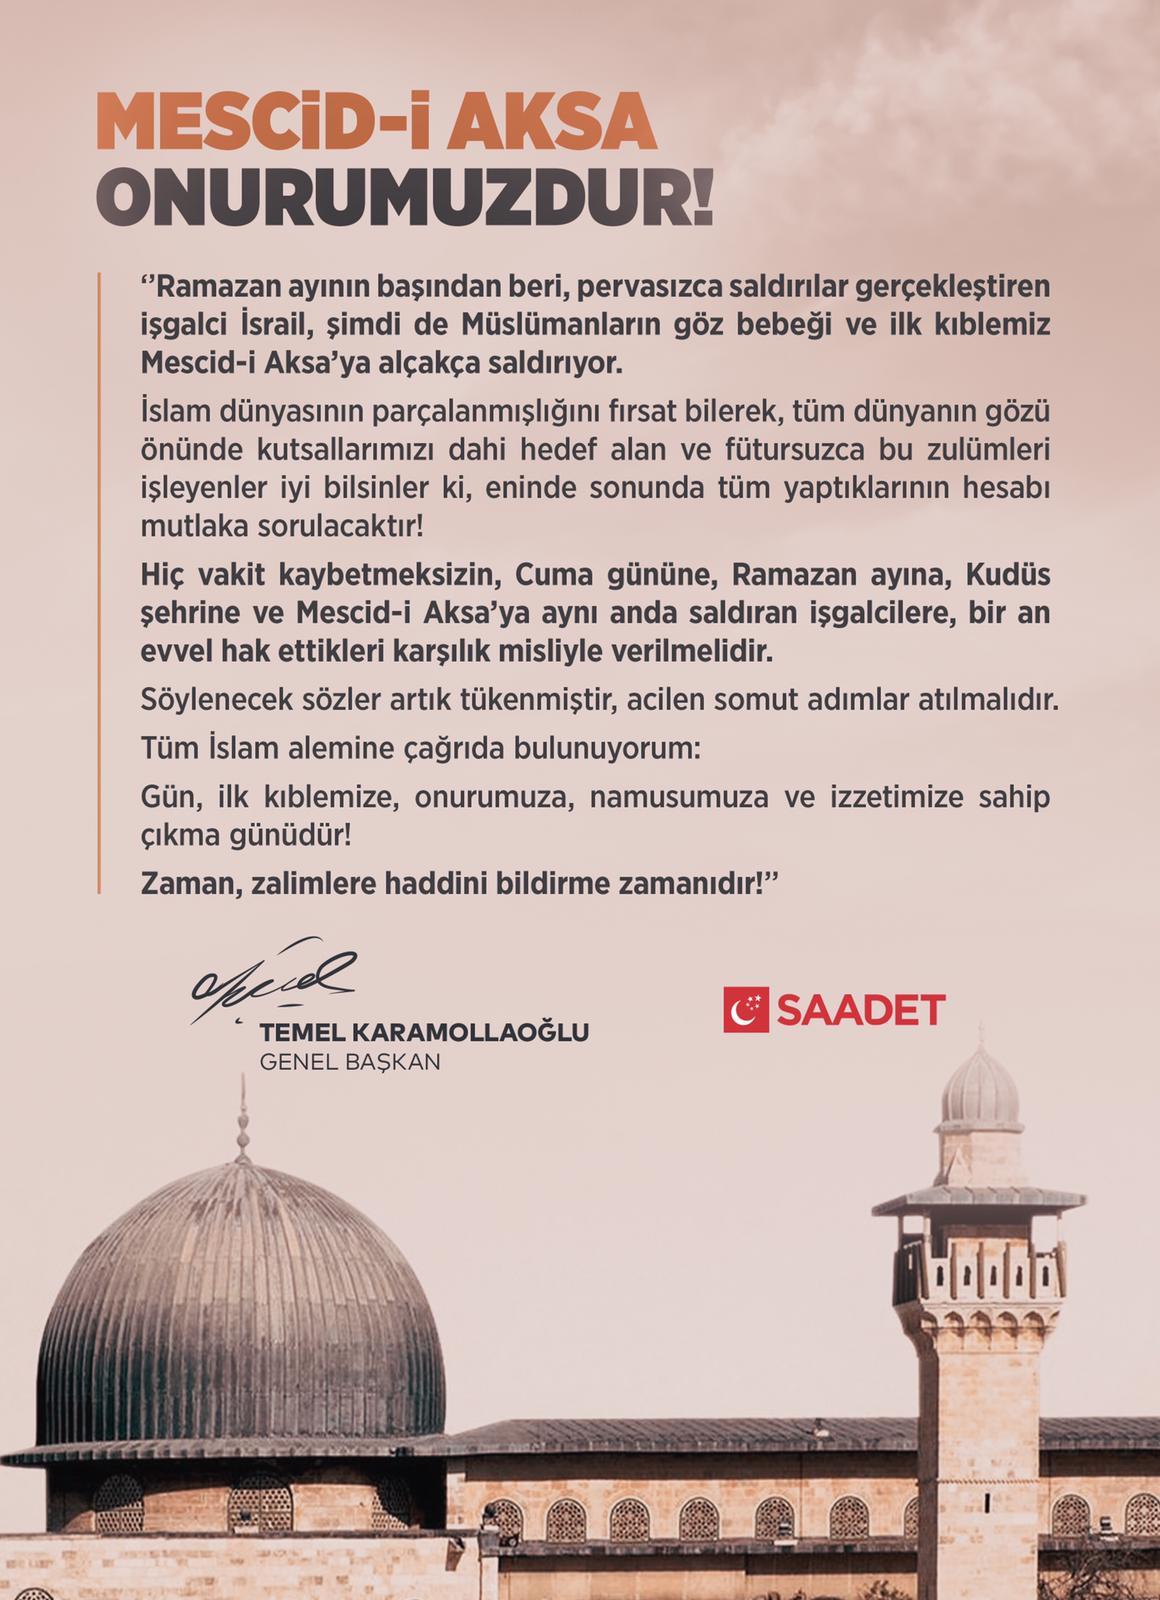 SAADET PARTİSİ'NDEN MESCİDİ AKSA ÇAĞRISI